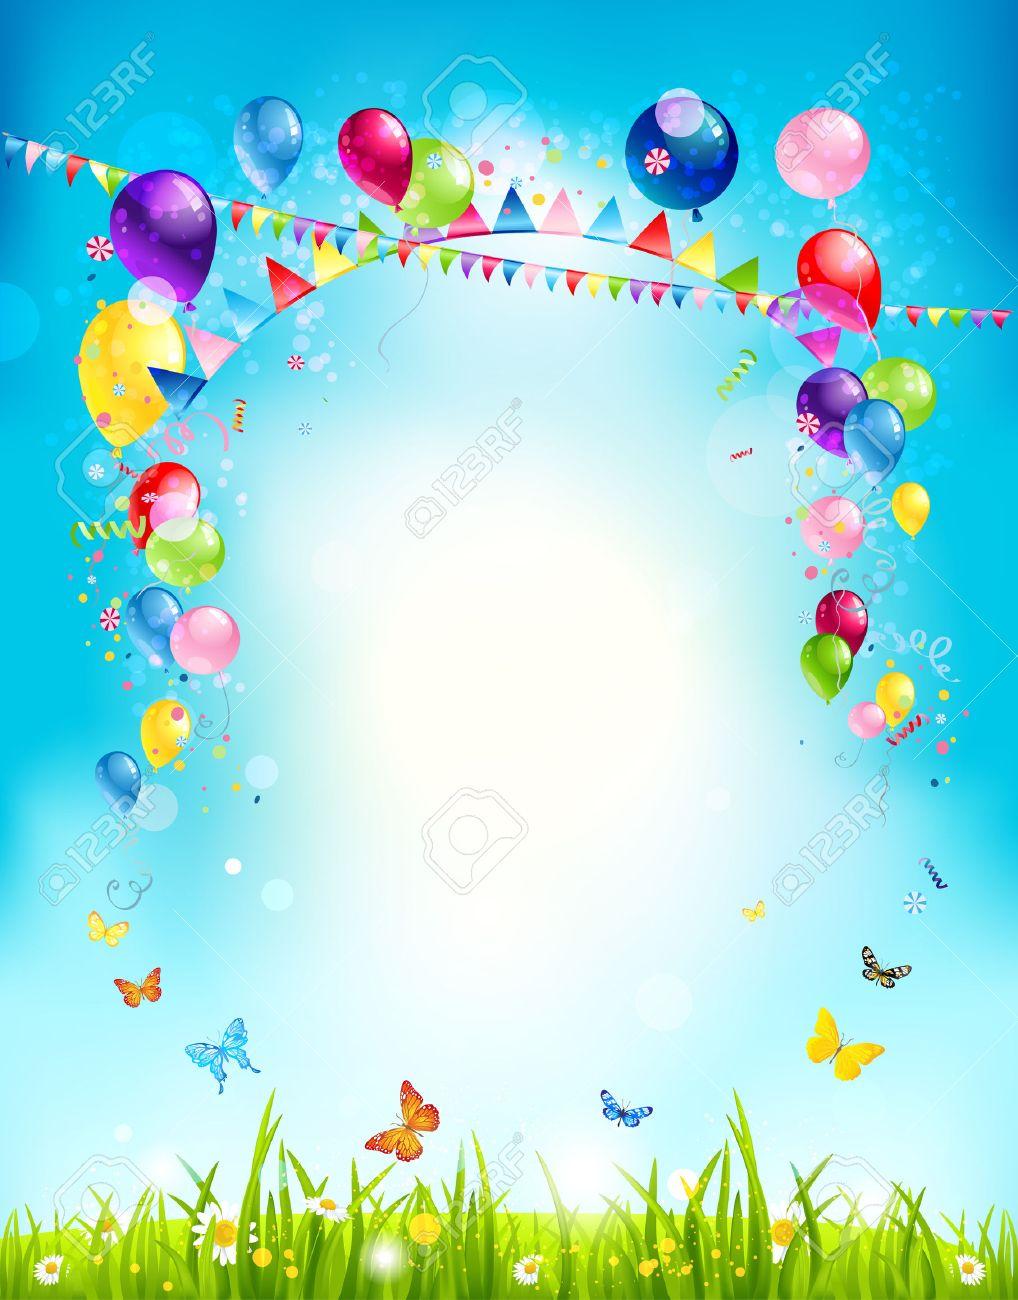 sommerurlaub hintergrund mit luftballons und flaggen für werbung, Einladungen